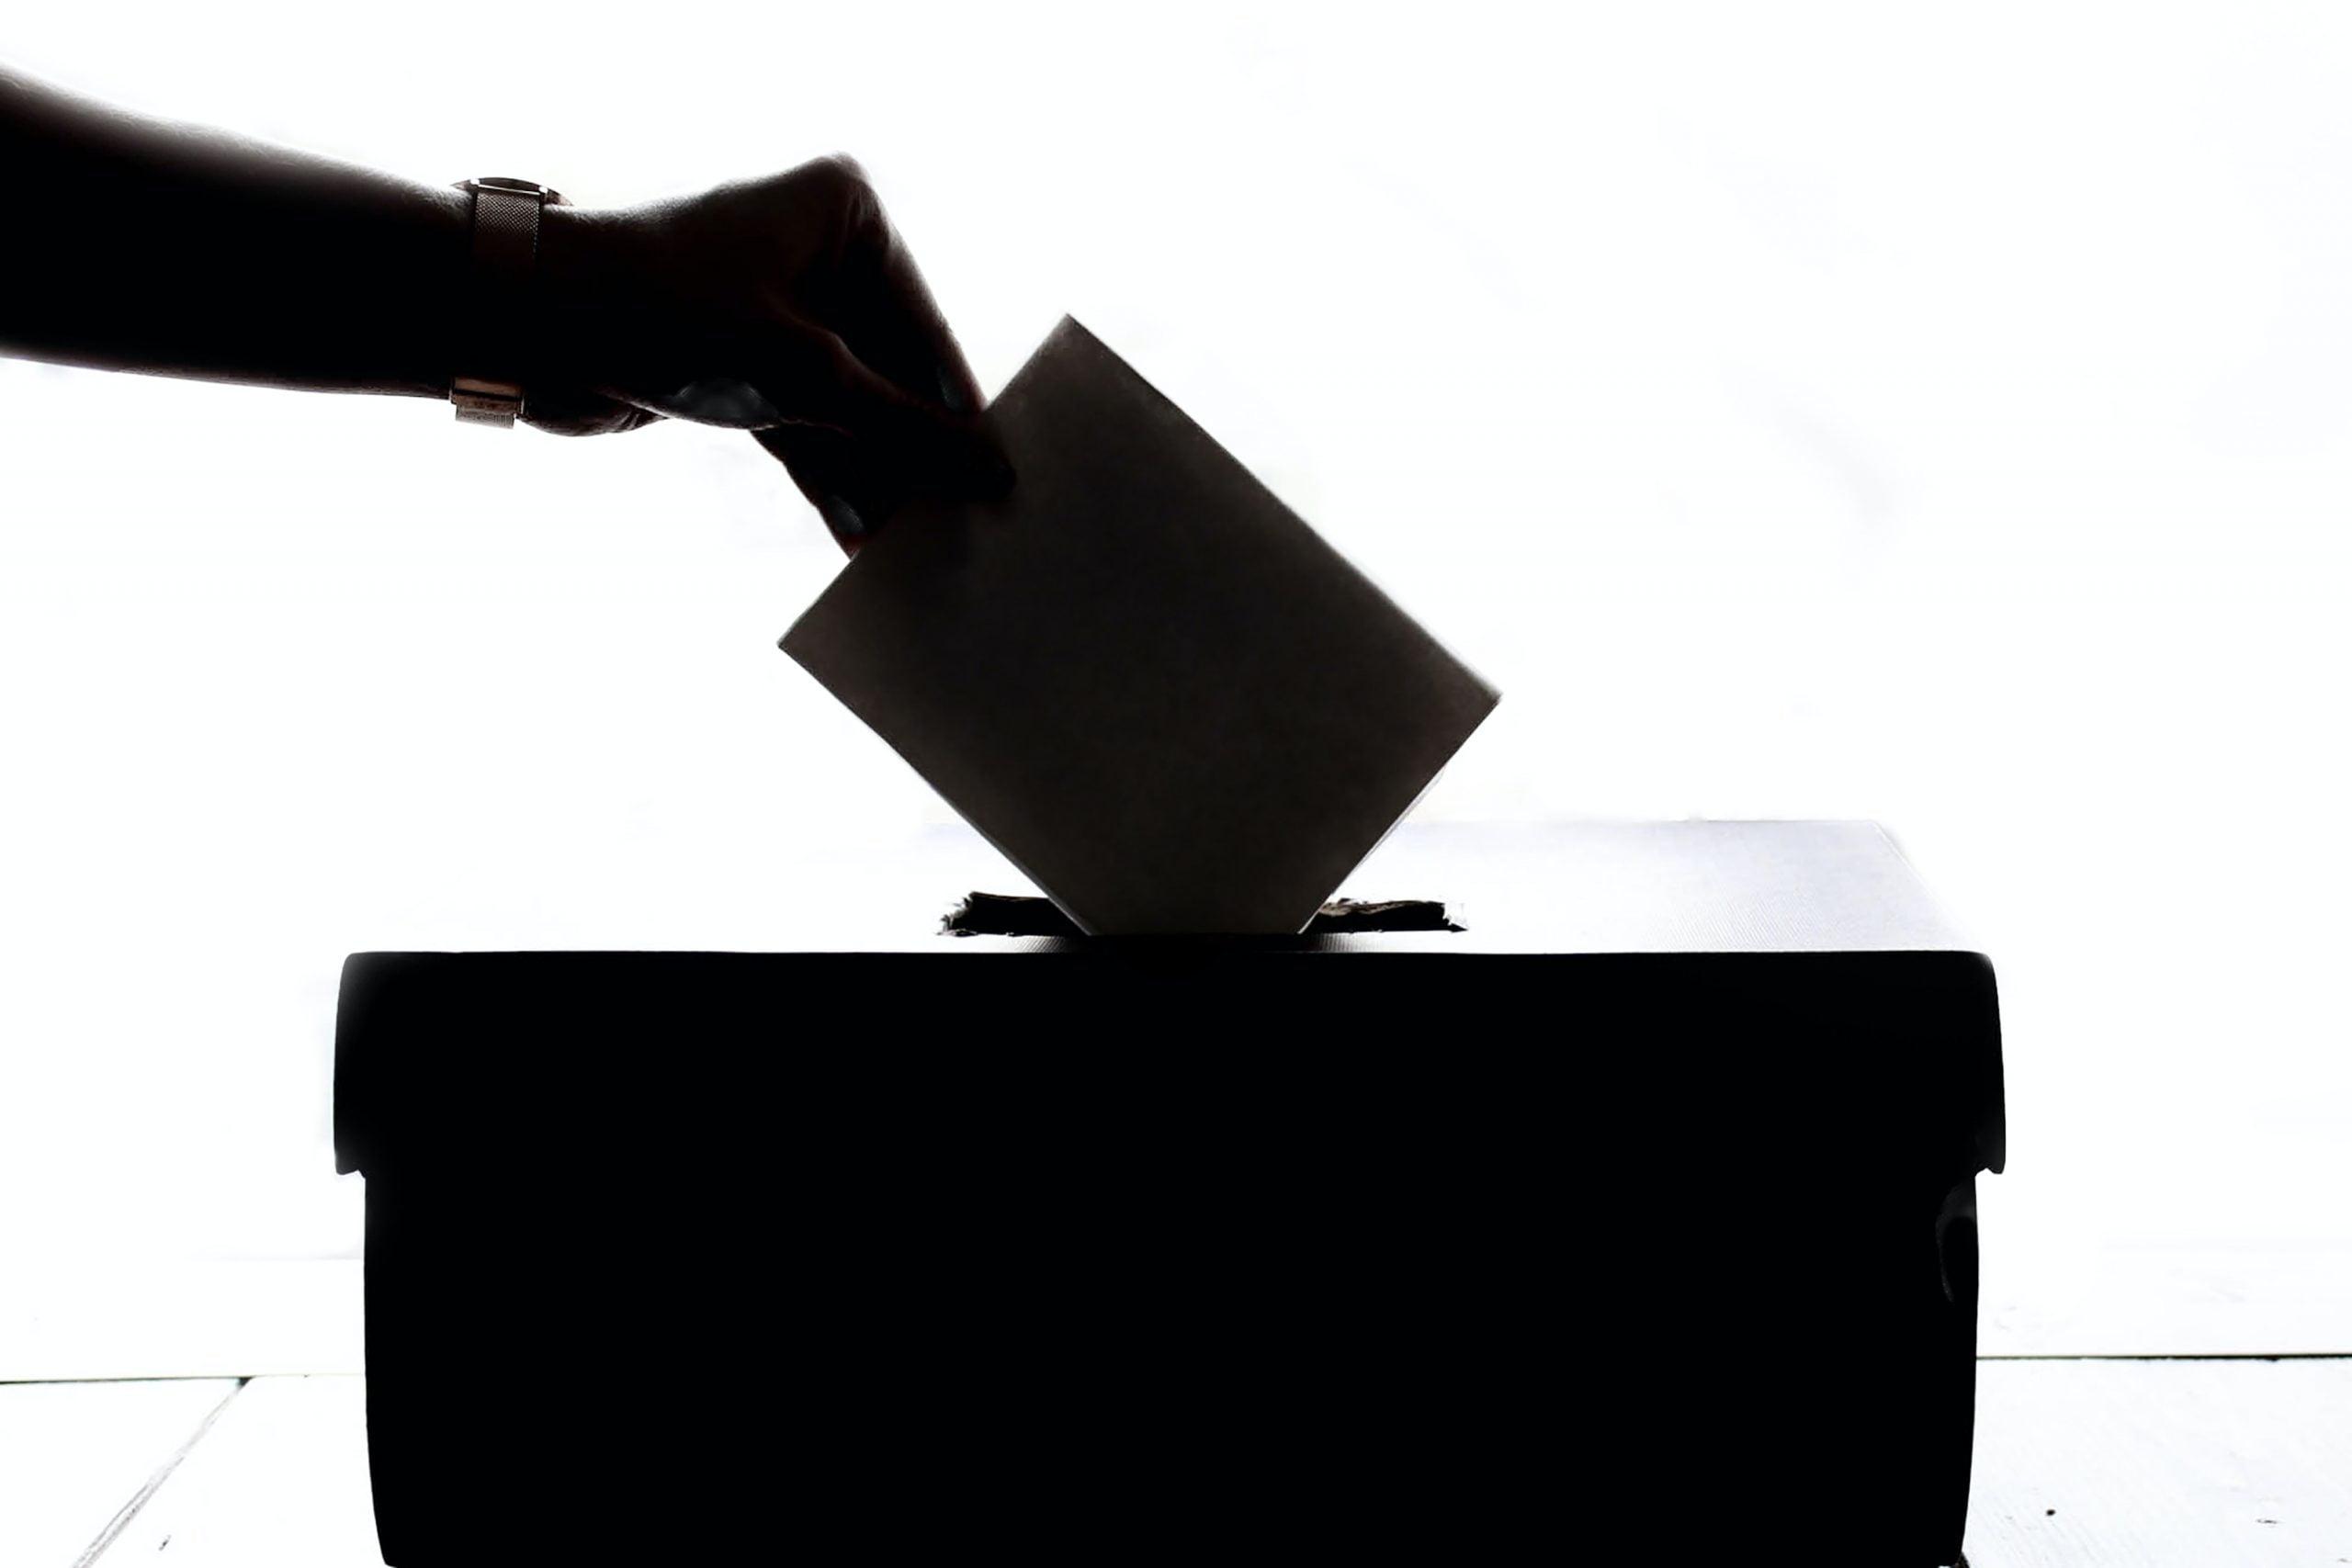 Elecciones, votar, votaciones, comicios